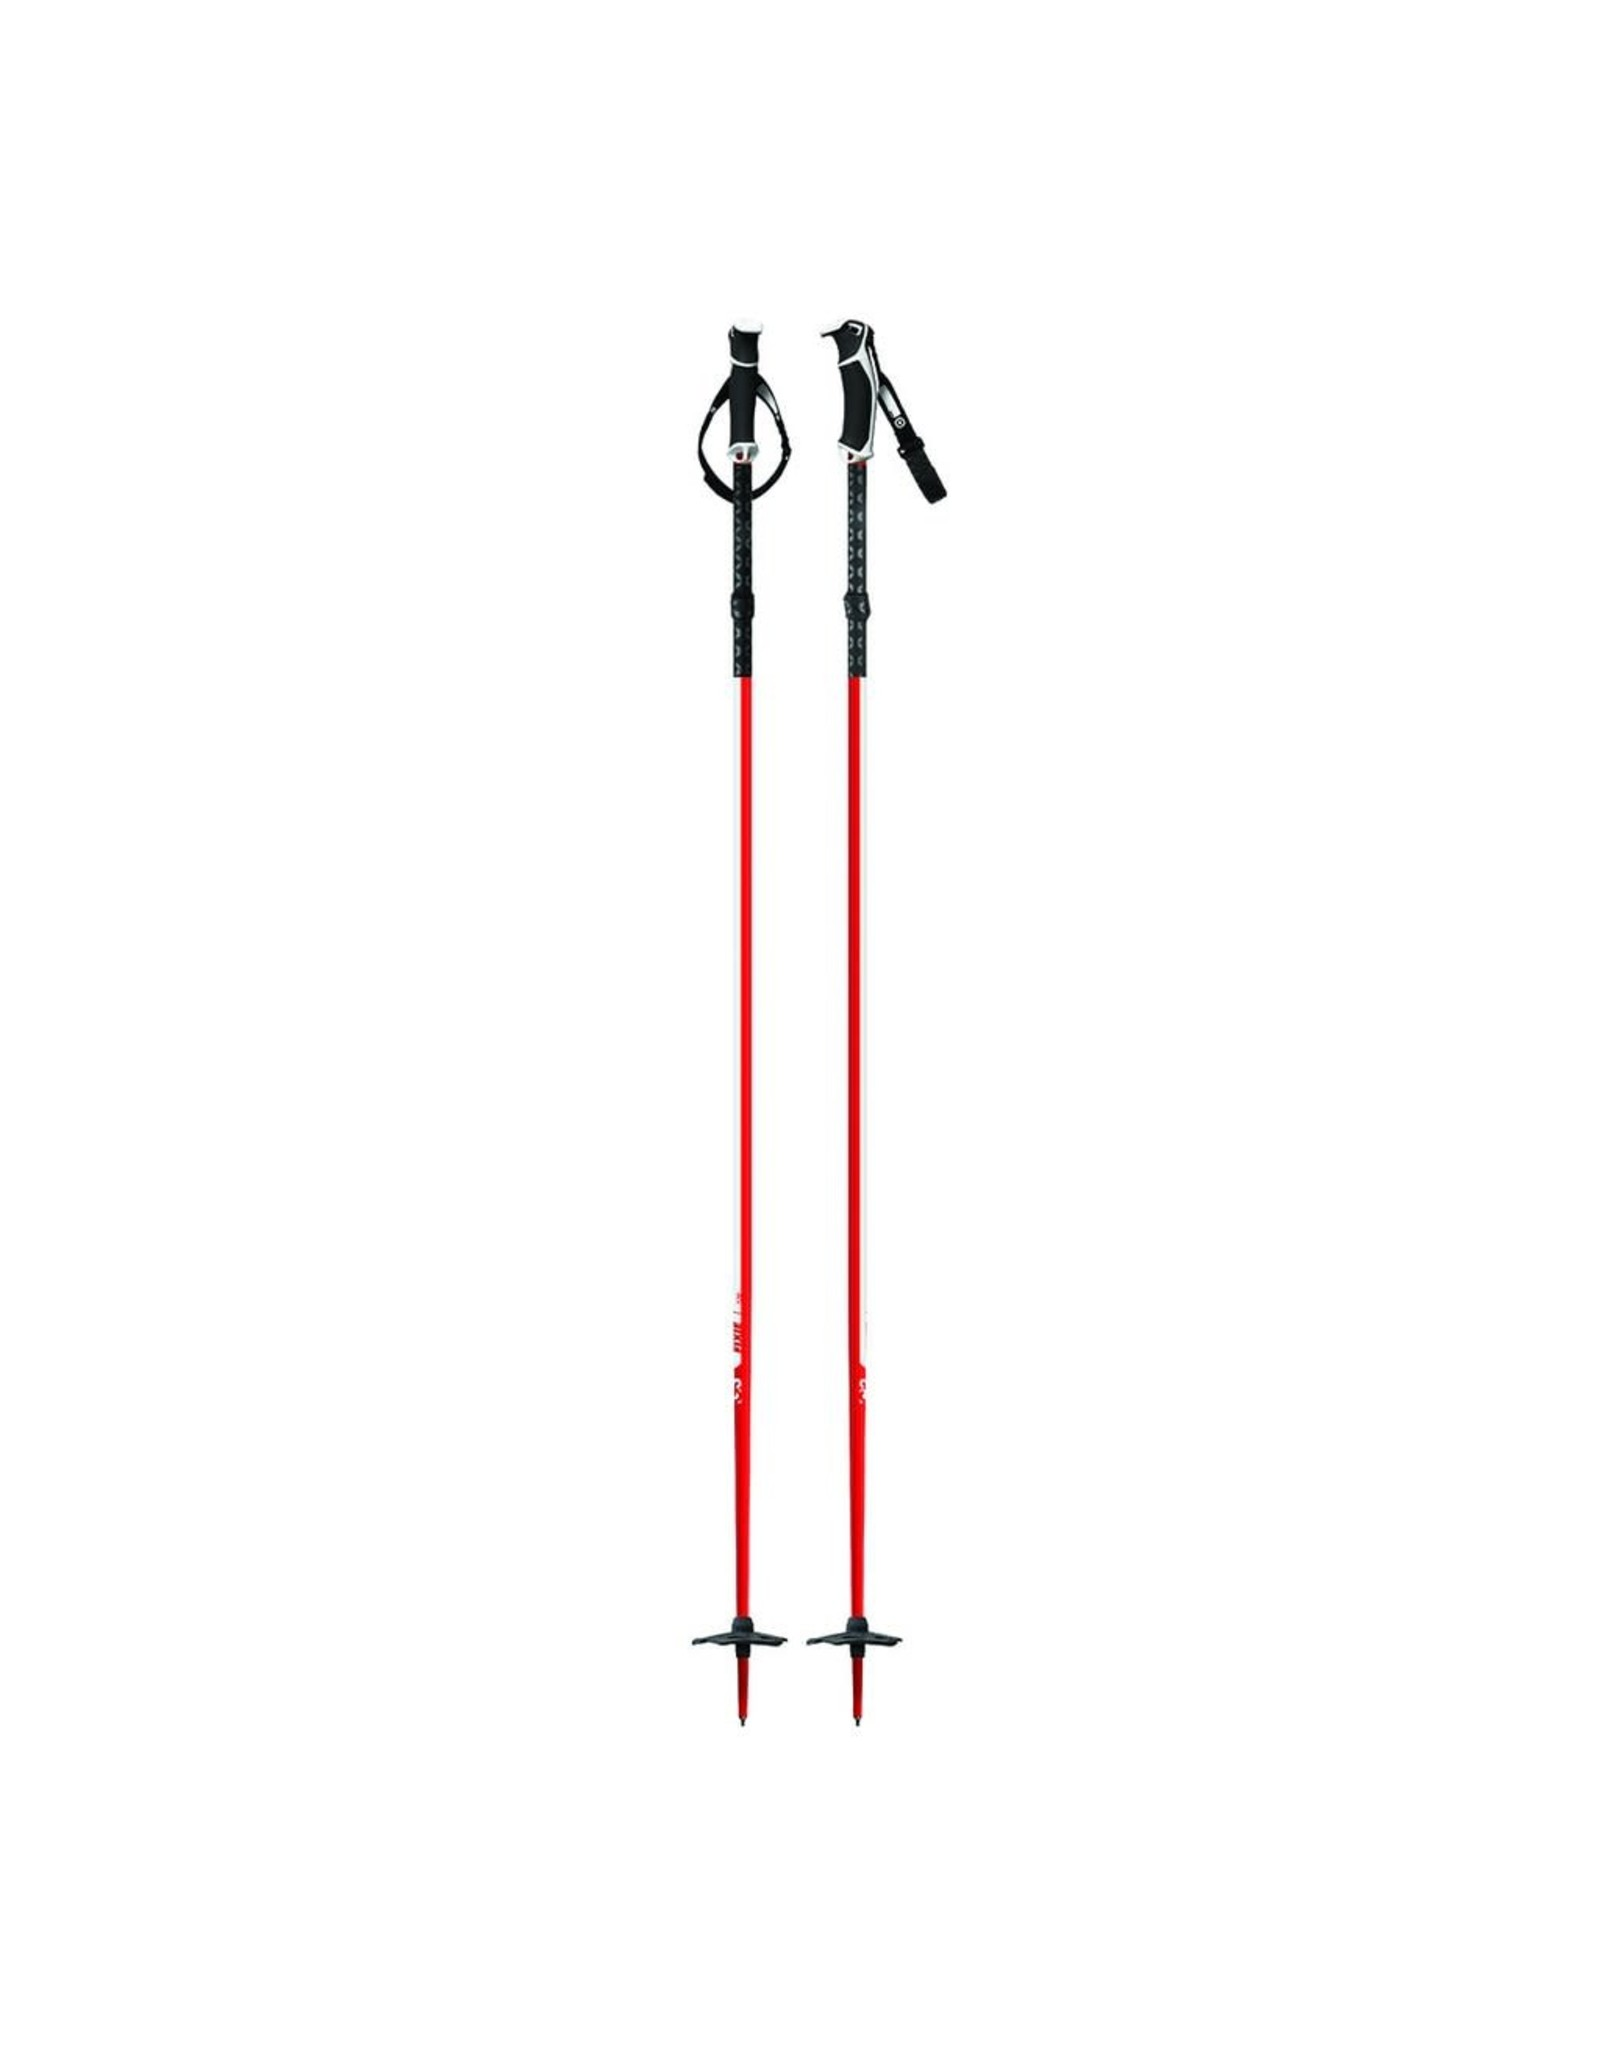 G3 G3  Fixie Aluminium Ski Poles